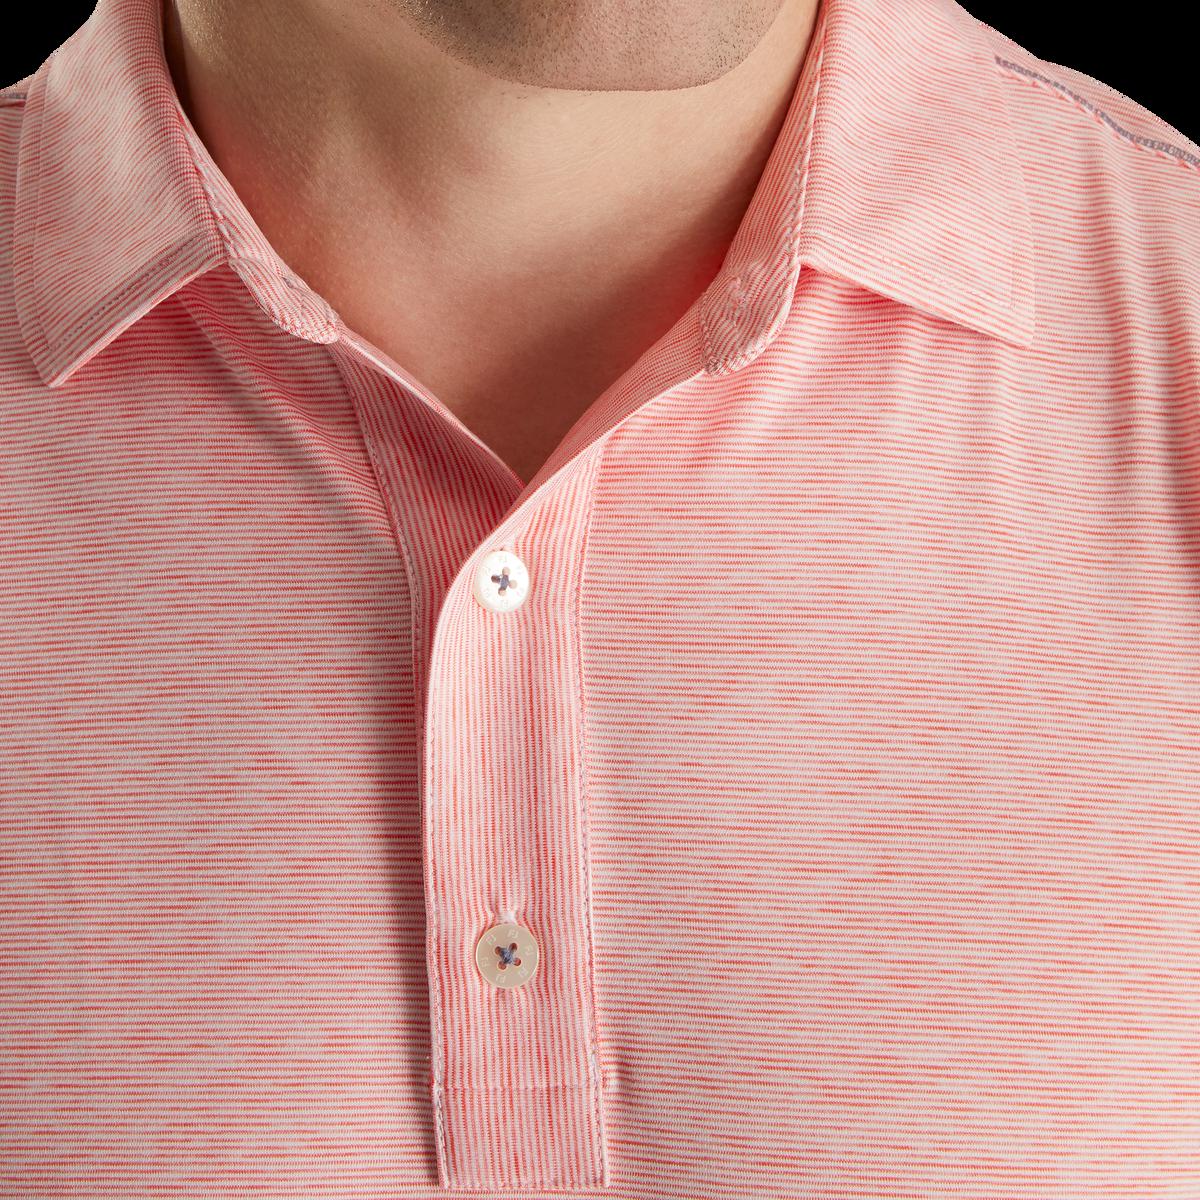 Lisle Space Dye Microstripe Self Collar-Previous Season Style